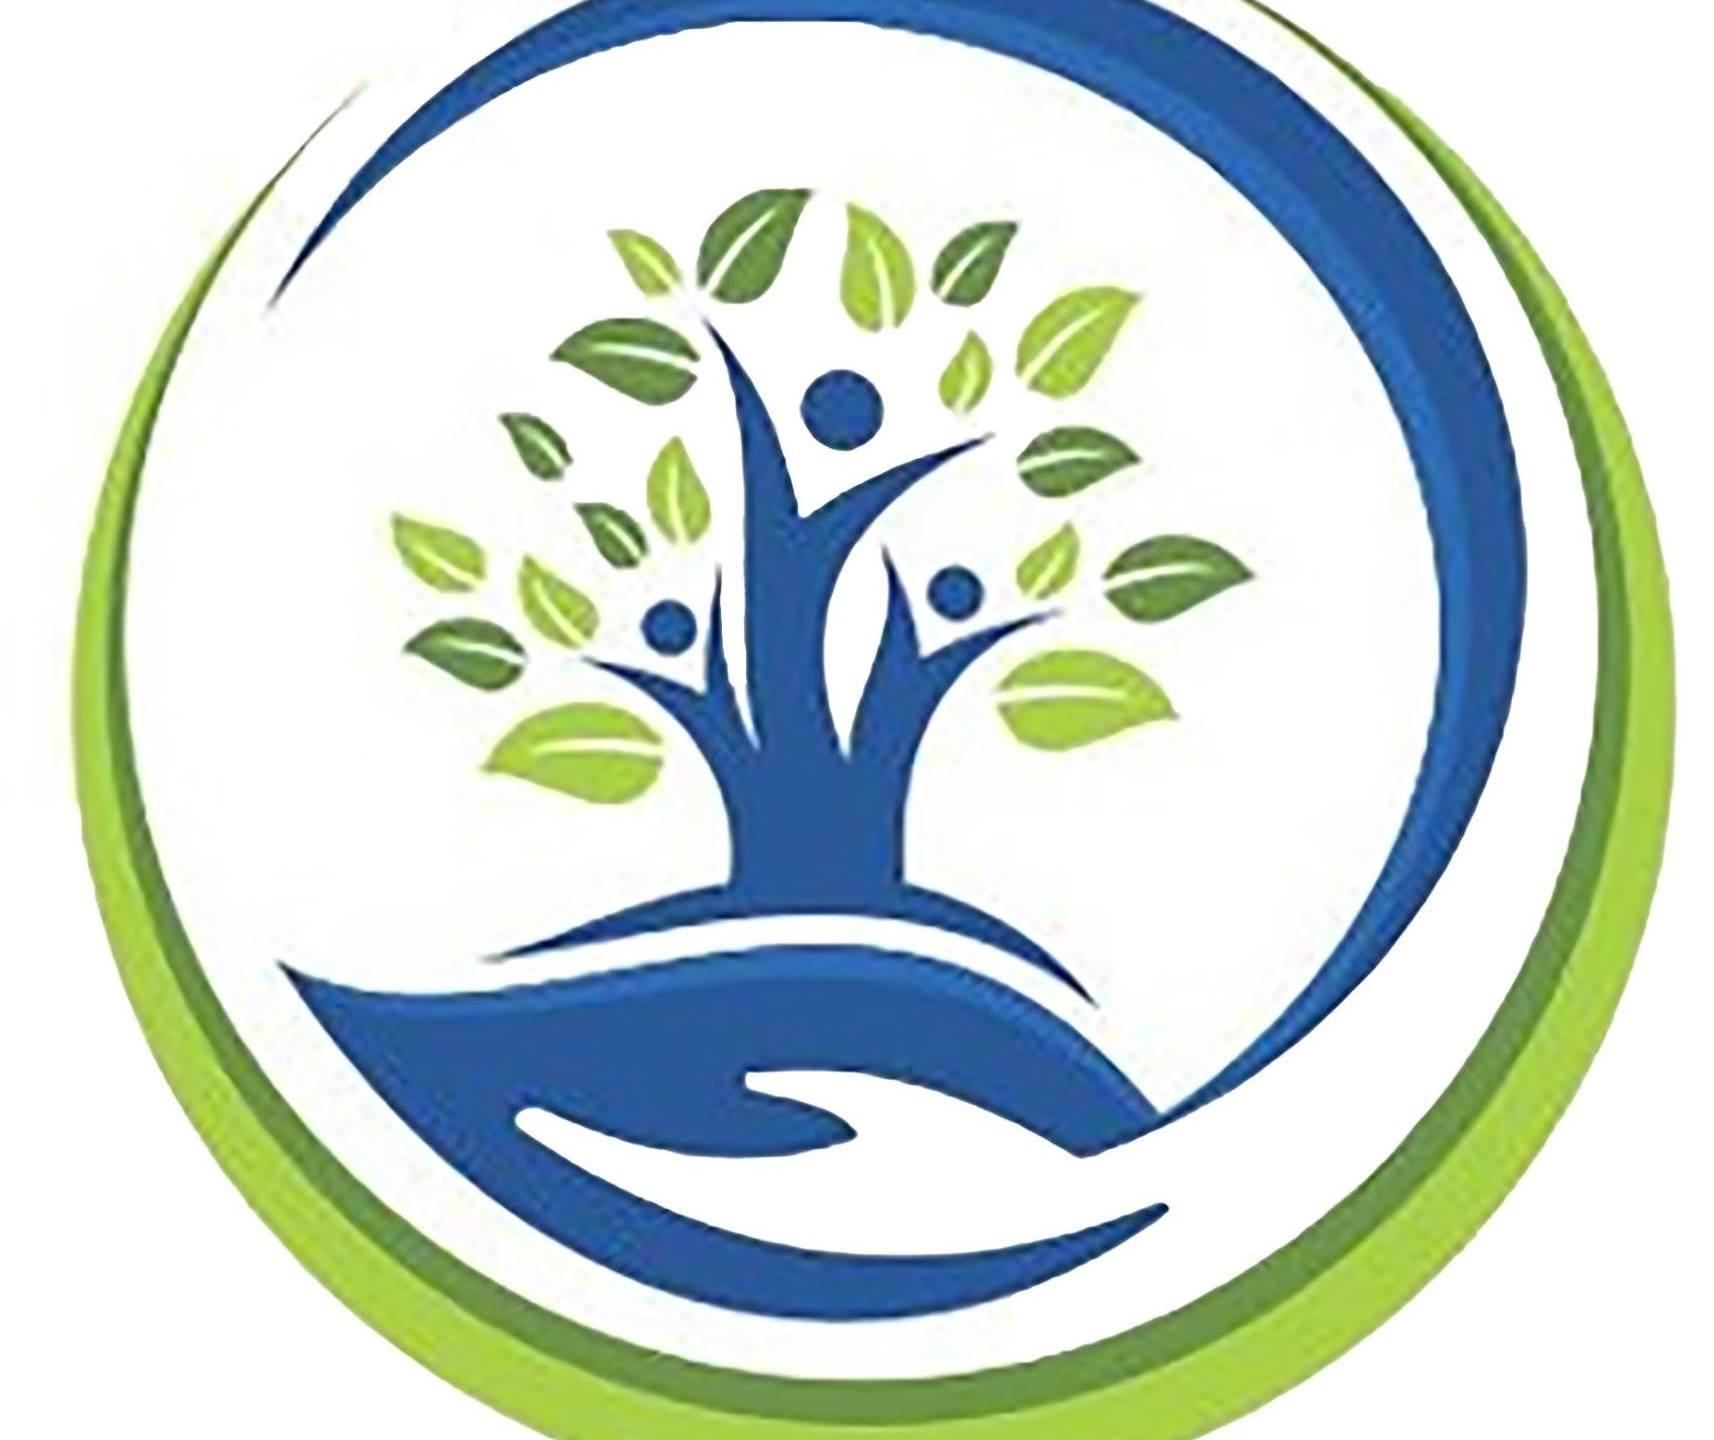 FAMILY SUPPORT SERVICES LOGO_1549398105139.jpg.jpg